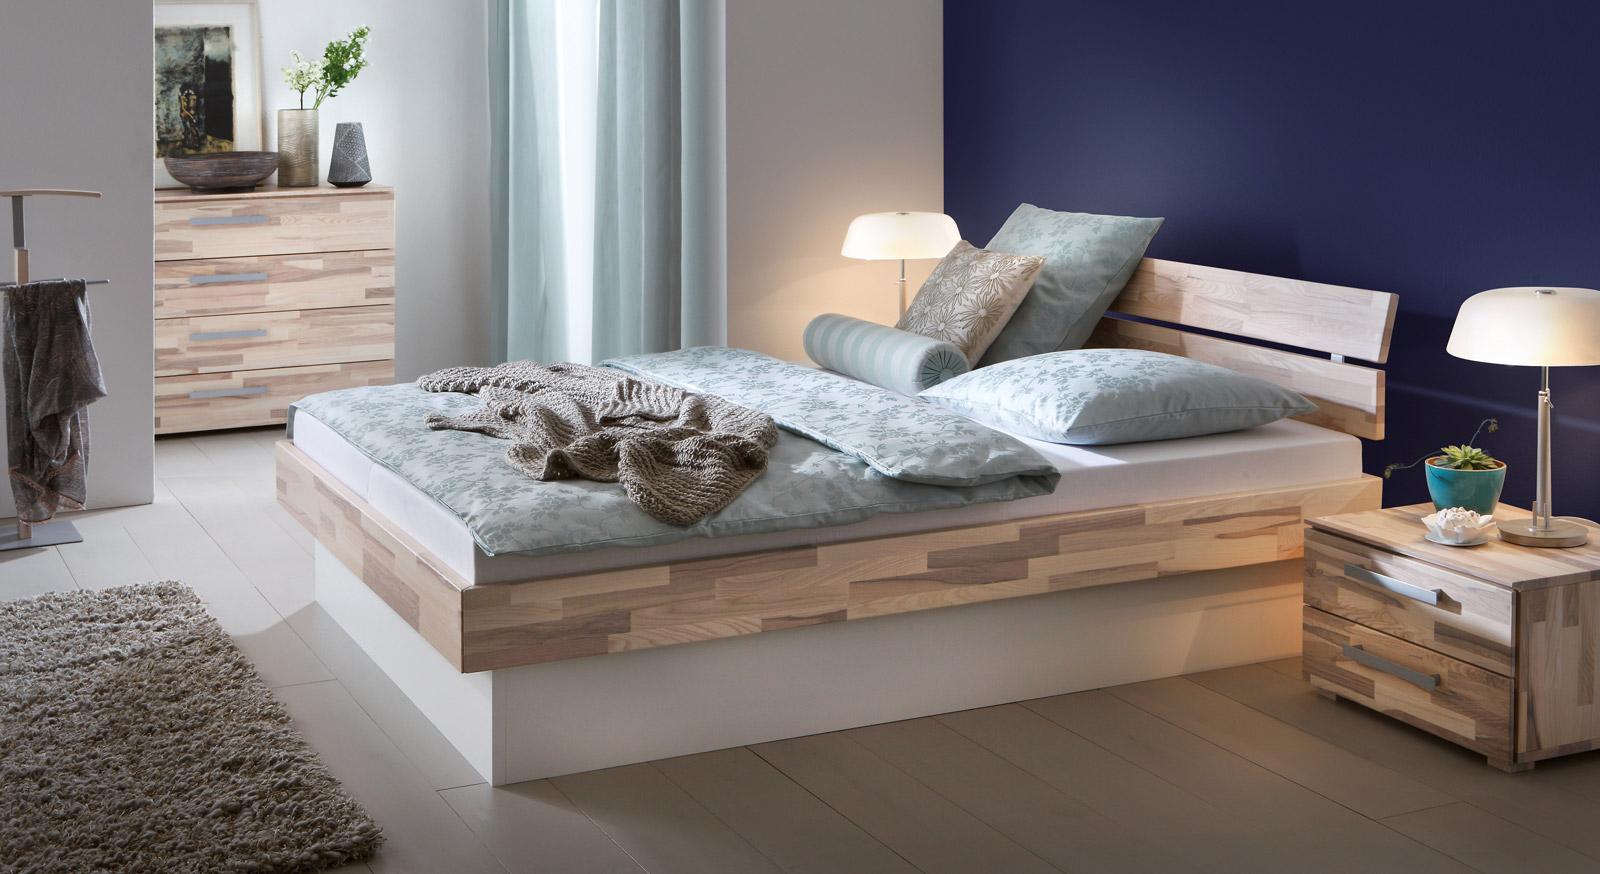 Schlafzimmer Bett Mit Bettkasten – neckcream.co